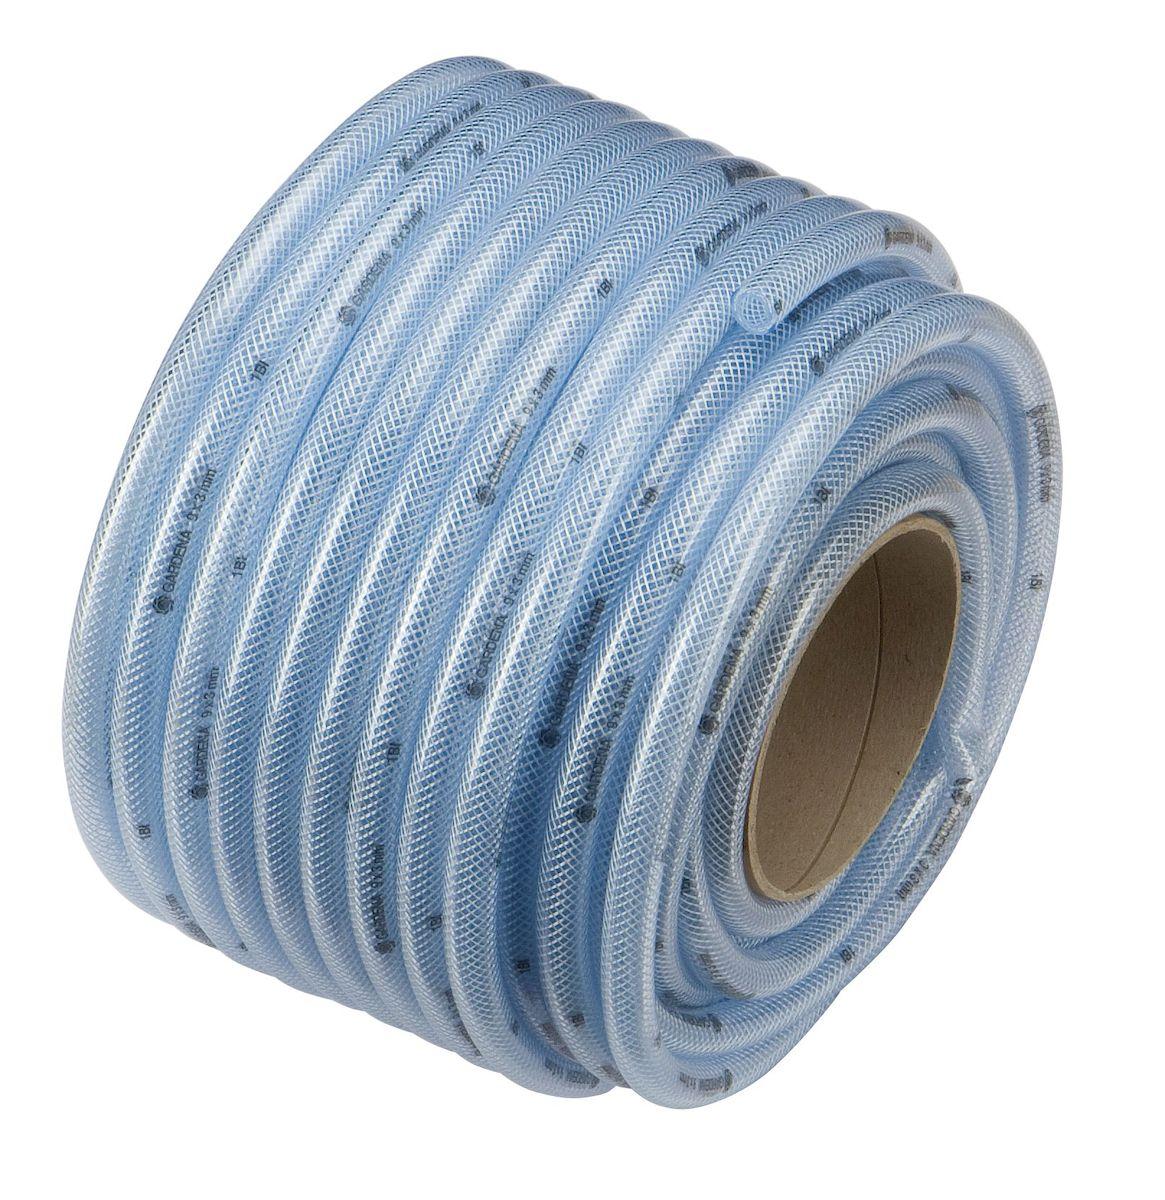 Шланг Gardena, армированный, диаметр 13 х 3,5 мм, длина 50 м04978-20.000.00Армированный прозрачный шланг Gardena, изготовленный из ПВХ, предназначен для полива. Изделие армировано путем вставки тонкого плетения из нитей полиэстера по всей его поверхности. Армированные шланги имеют преимущество в силу лучшей устойчивости на разрыв и работы под давлением без раздувания. Однако армированные шланги жесткие, а потому особенно подвержены перегибам и заломам. Температура использования шланга -10°C до +50°C. Устойчив к ультрафиолетовым лучам и образованию водорослей на внутреннем слое. Применяется всесезонно. Легок в использовании. Диаметр шланга: 13 х 3,5 мм.Рабочее давление: 12 бар.